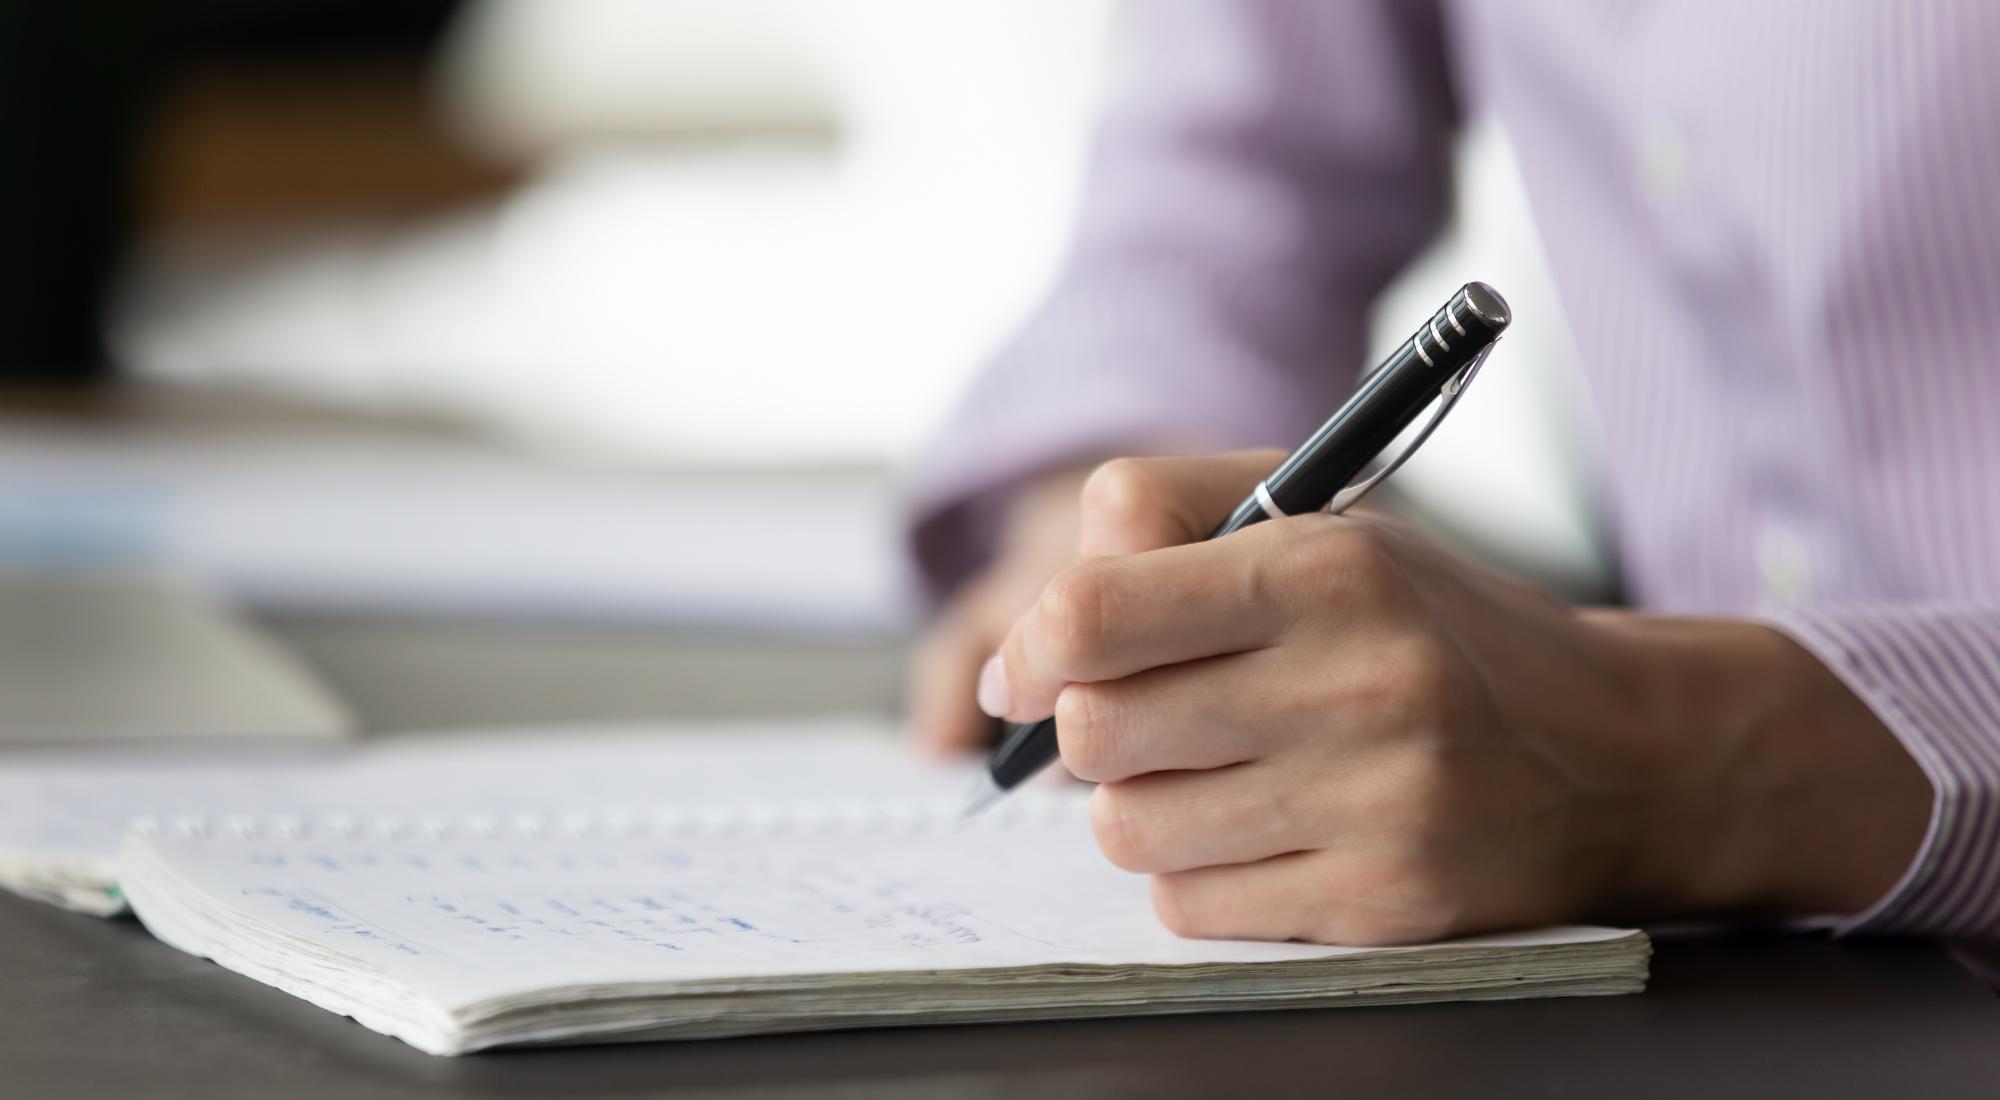 law essay writing